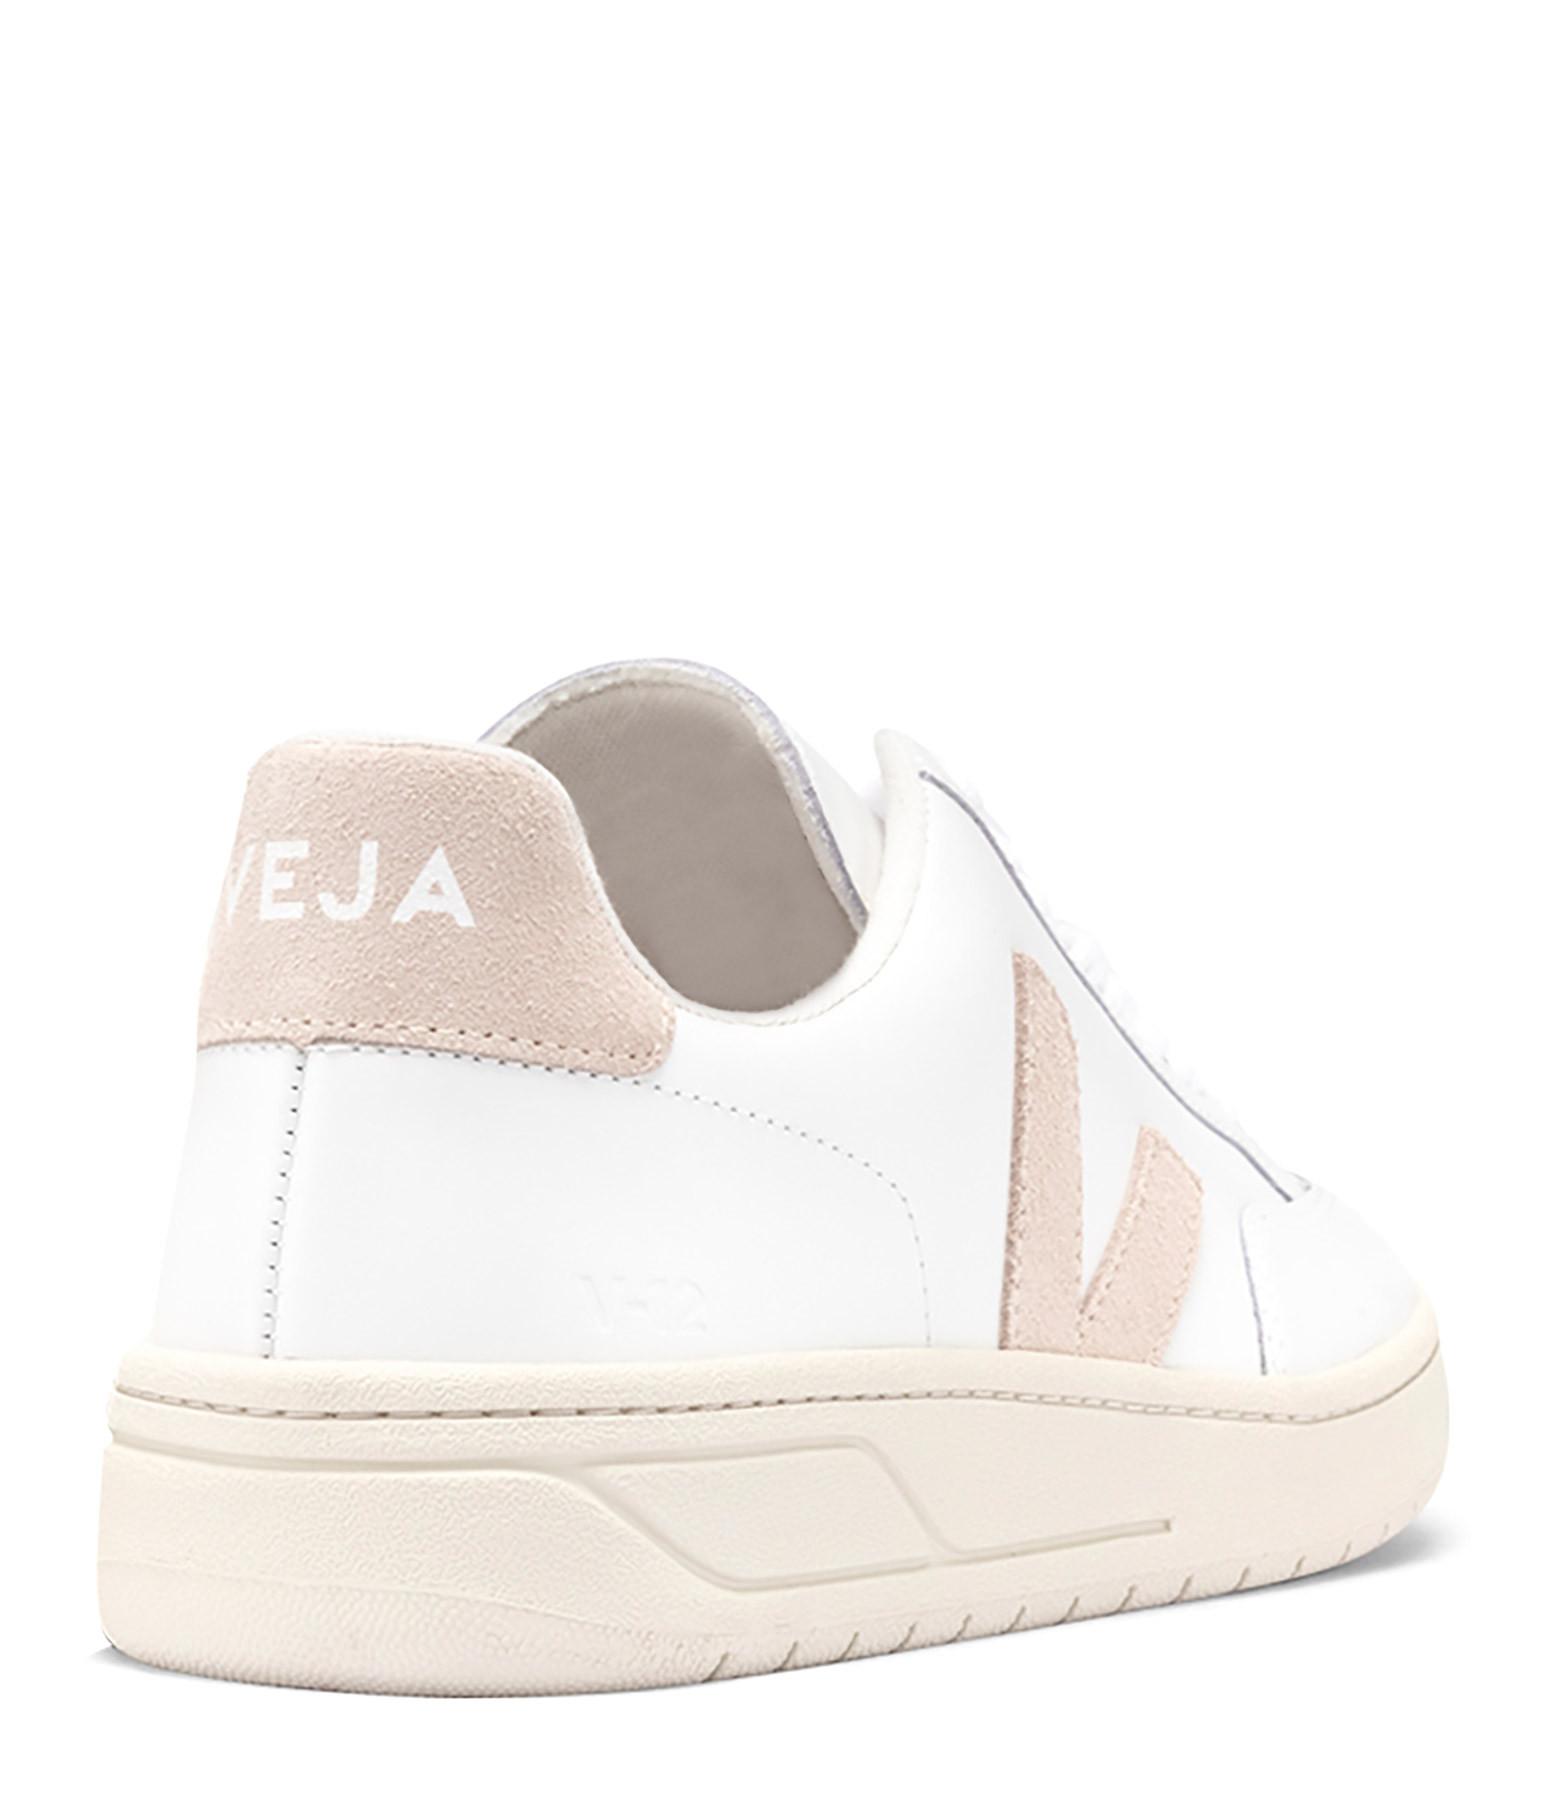 VEJA - Baskets V-12 Cuir Extra White Sable